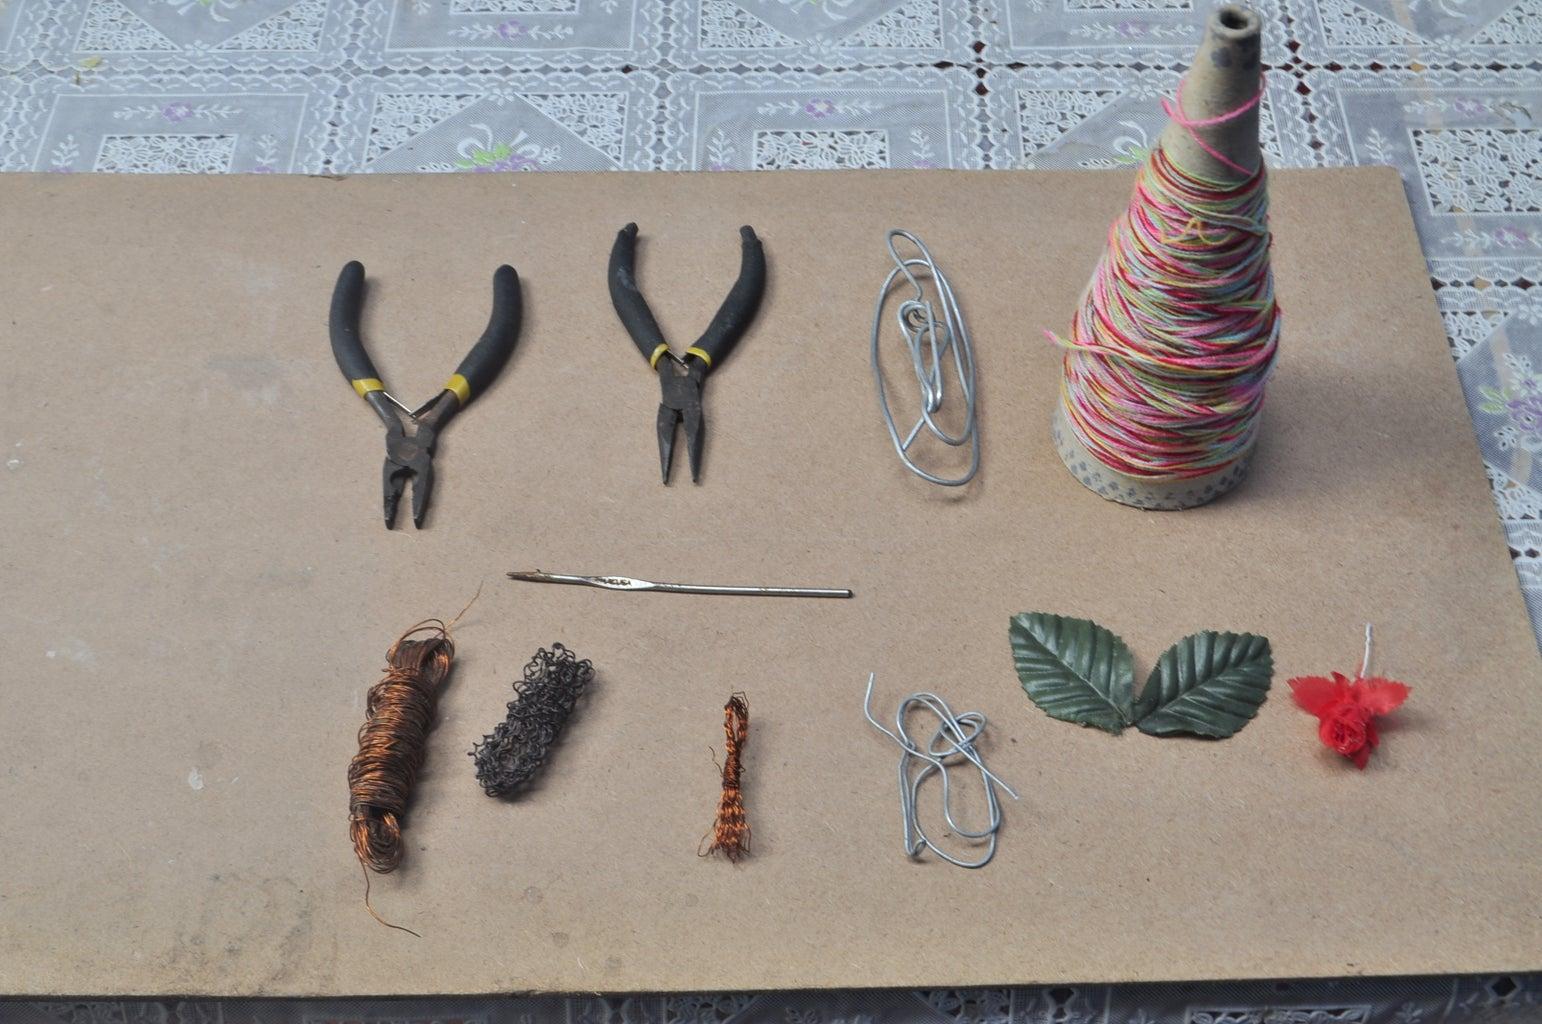 Materials & Tools - Materiales